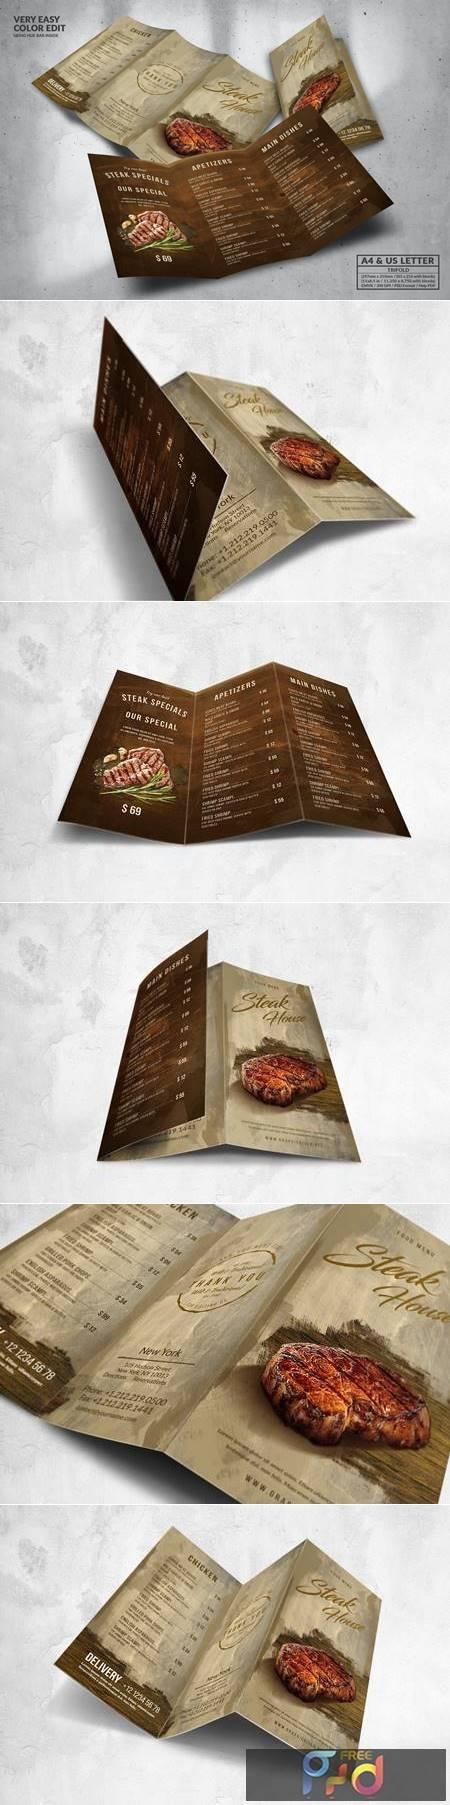 Steak House Food Menu Design A4 & US Letter PT9XLBB 1